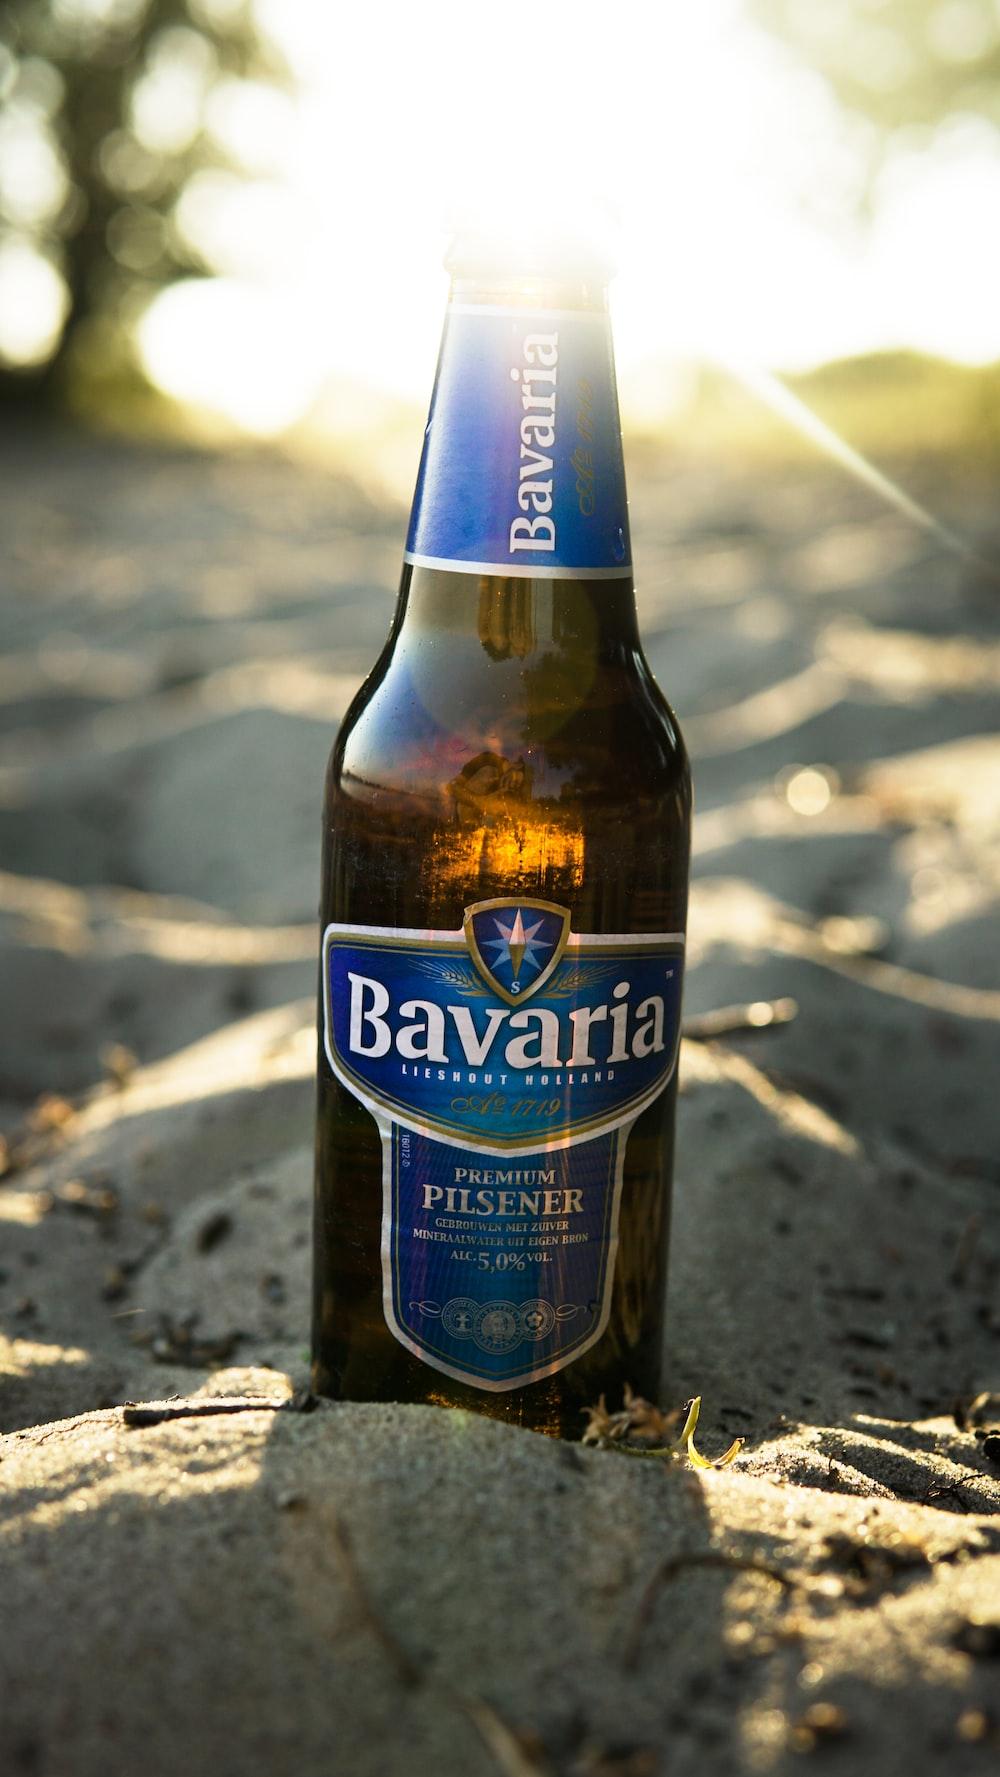 Bavaria Pilsener beer bottle on sand